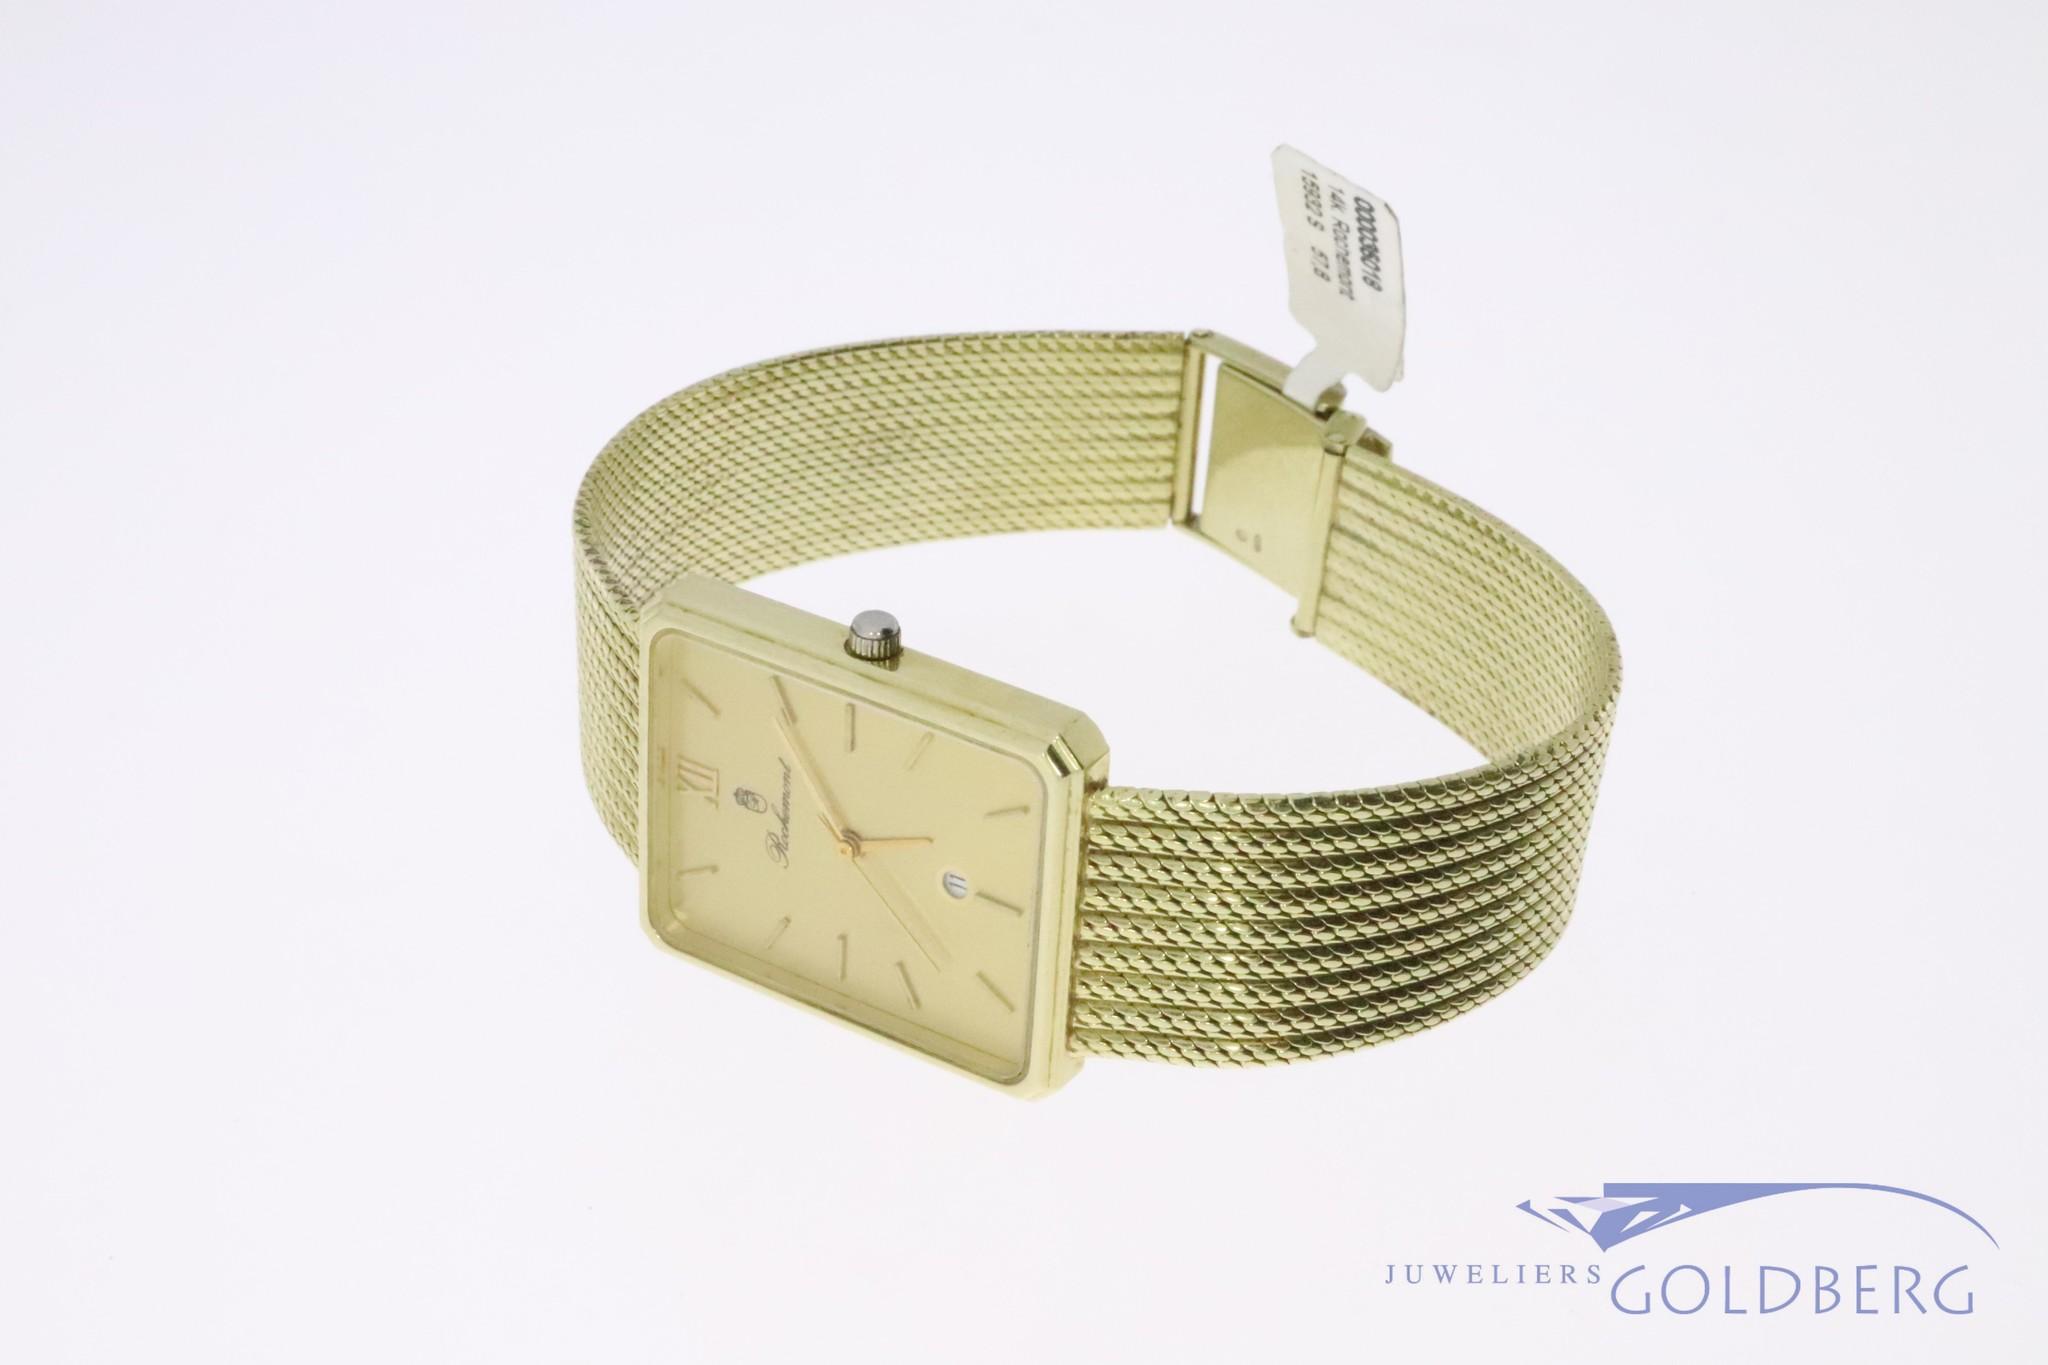 14k gouden Rochemont Quartz horloge met rechthoekige goudkleurige wijzerplaat